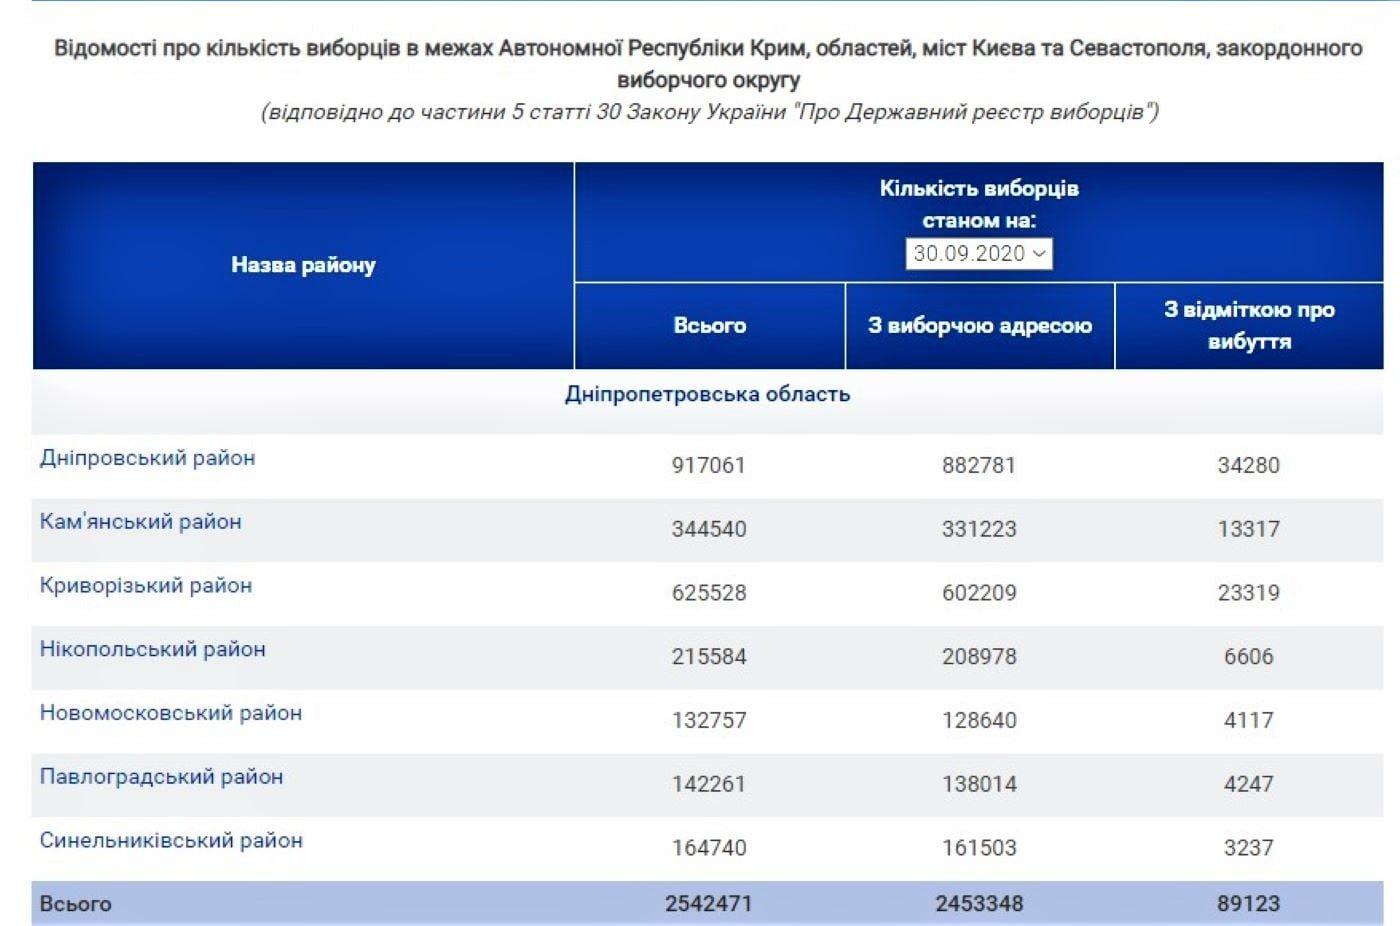 """""""Опора"""" заметила, что Криворожская ТИК заказала бюллетеней больше, чем надо, фото-2"""